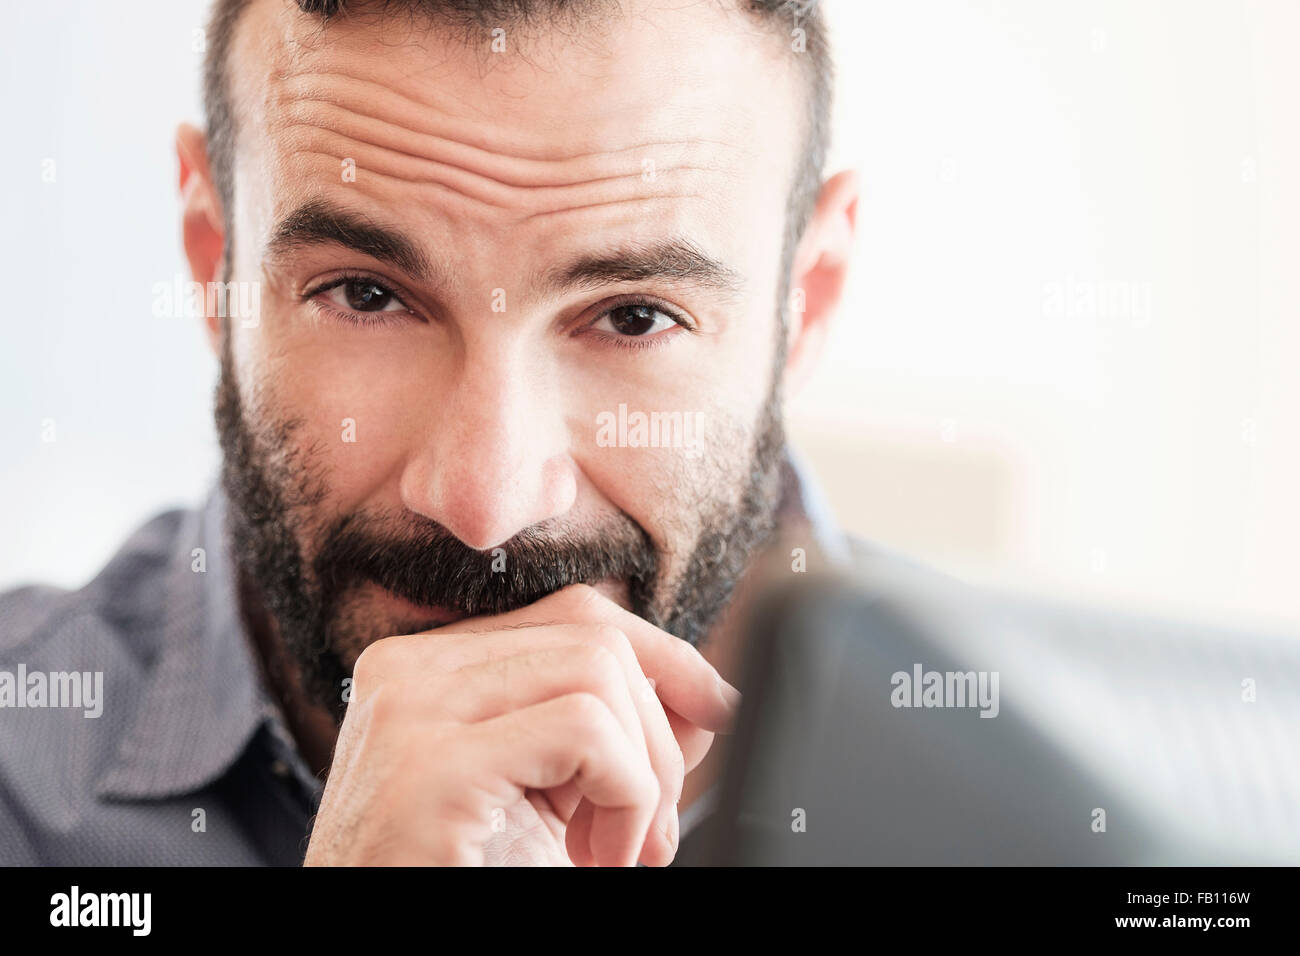 Ritratto di metà di uomo adulto Immagini Stock